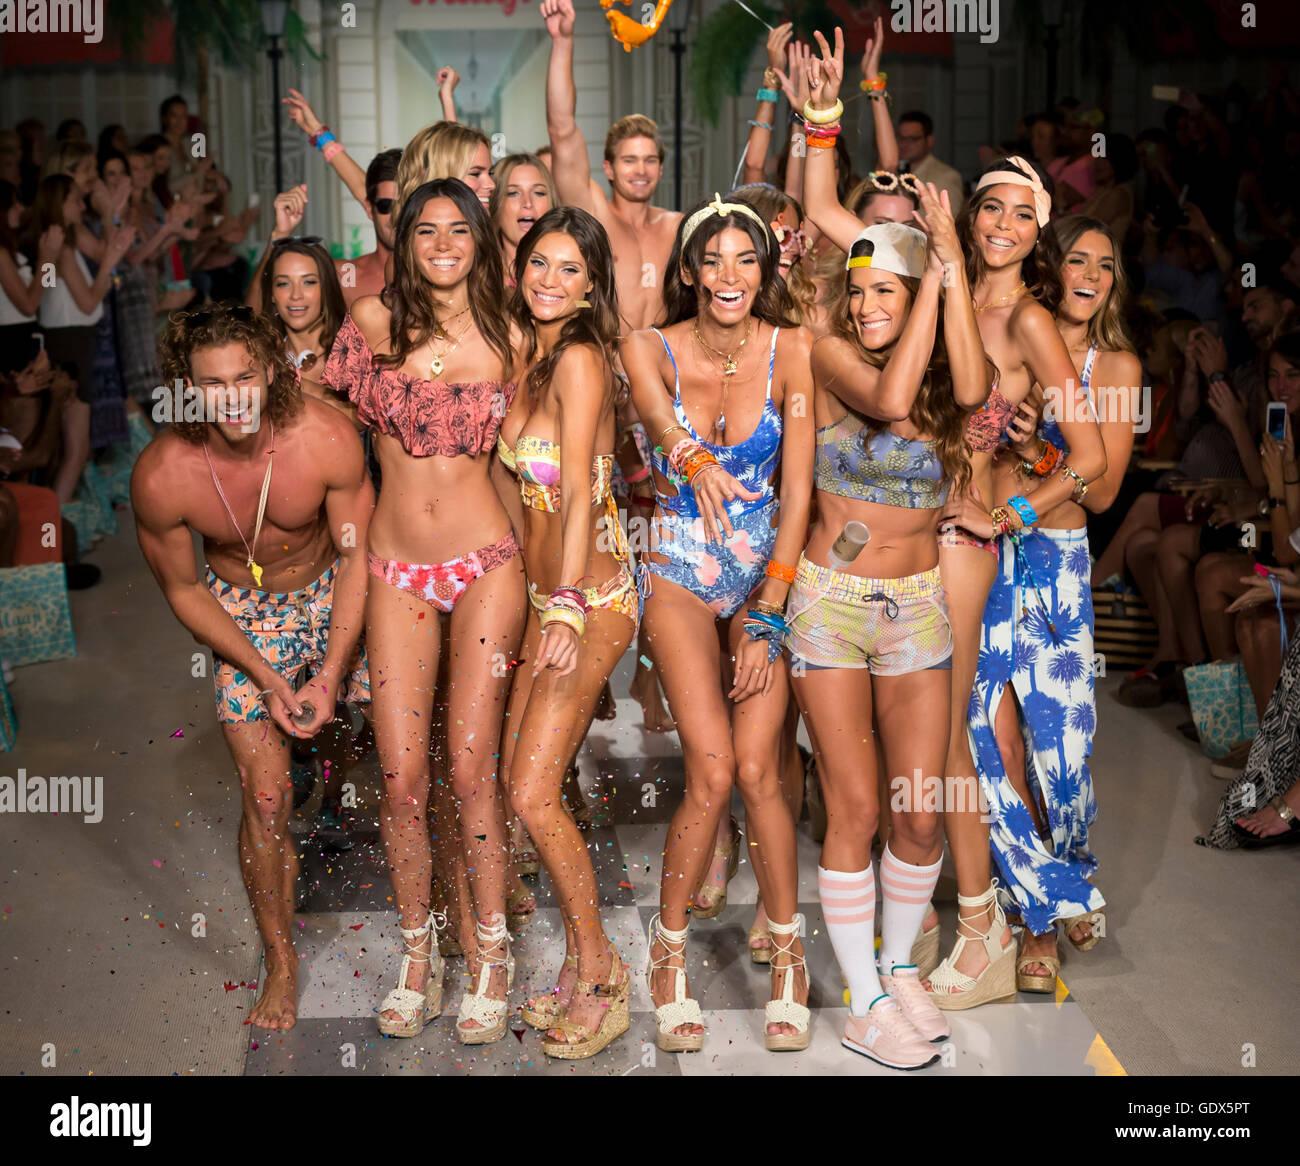 MIAMI BEACH, FL - Juillet 17, 2016: Modèles à pied la piste à la Collection Maaji 2017 Funkshion Photo Stock